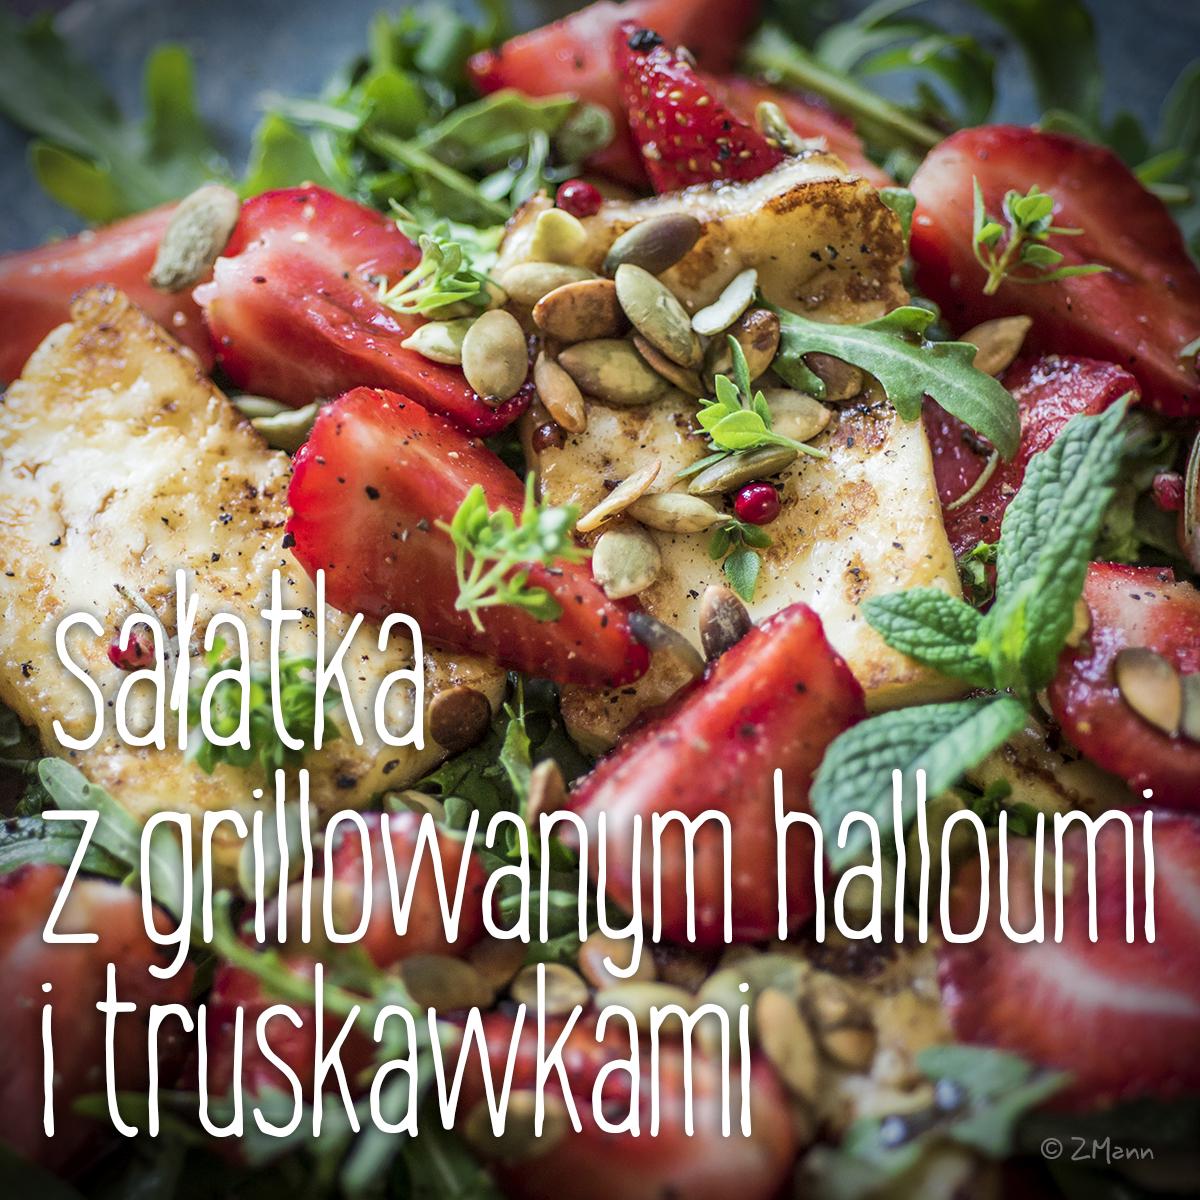 sałatka z grillowanym halloumi i truskawkami